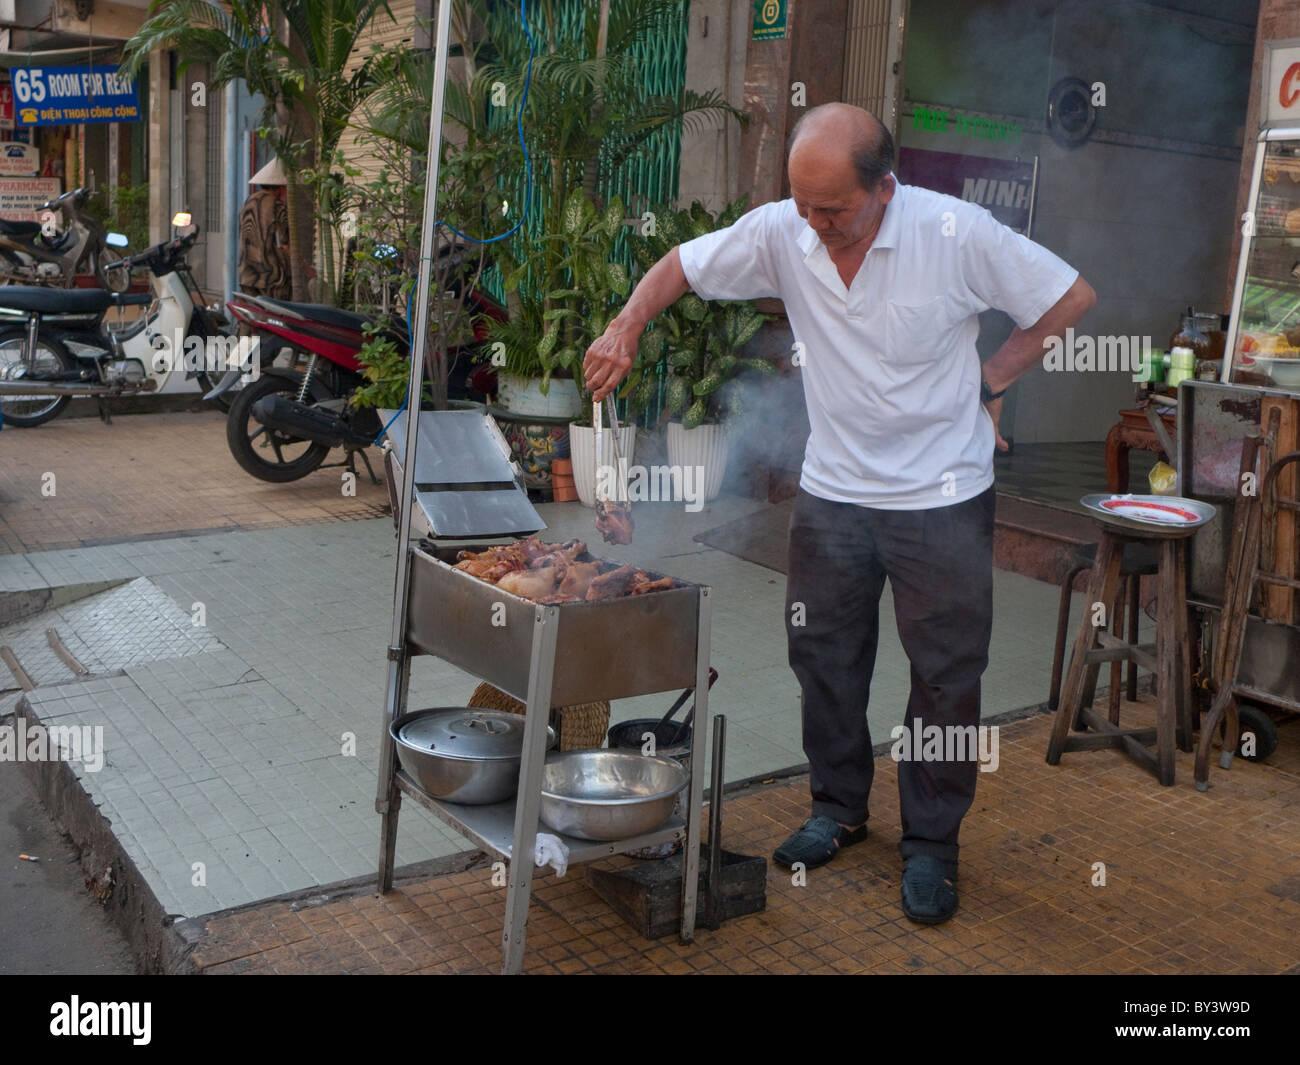 Un vendedor de comida está cocinando bananas fritas para la venta en una calle de la ciudad de Ho Chi Minh, Imagen De Stock